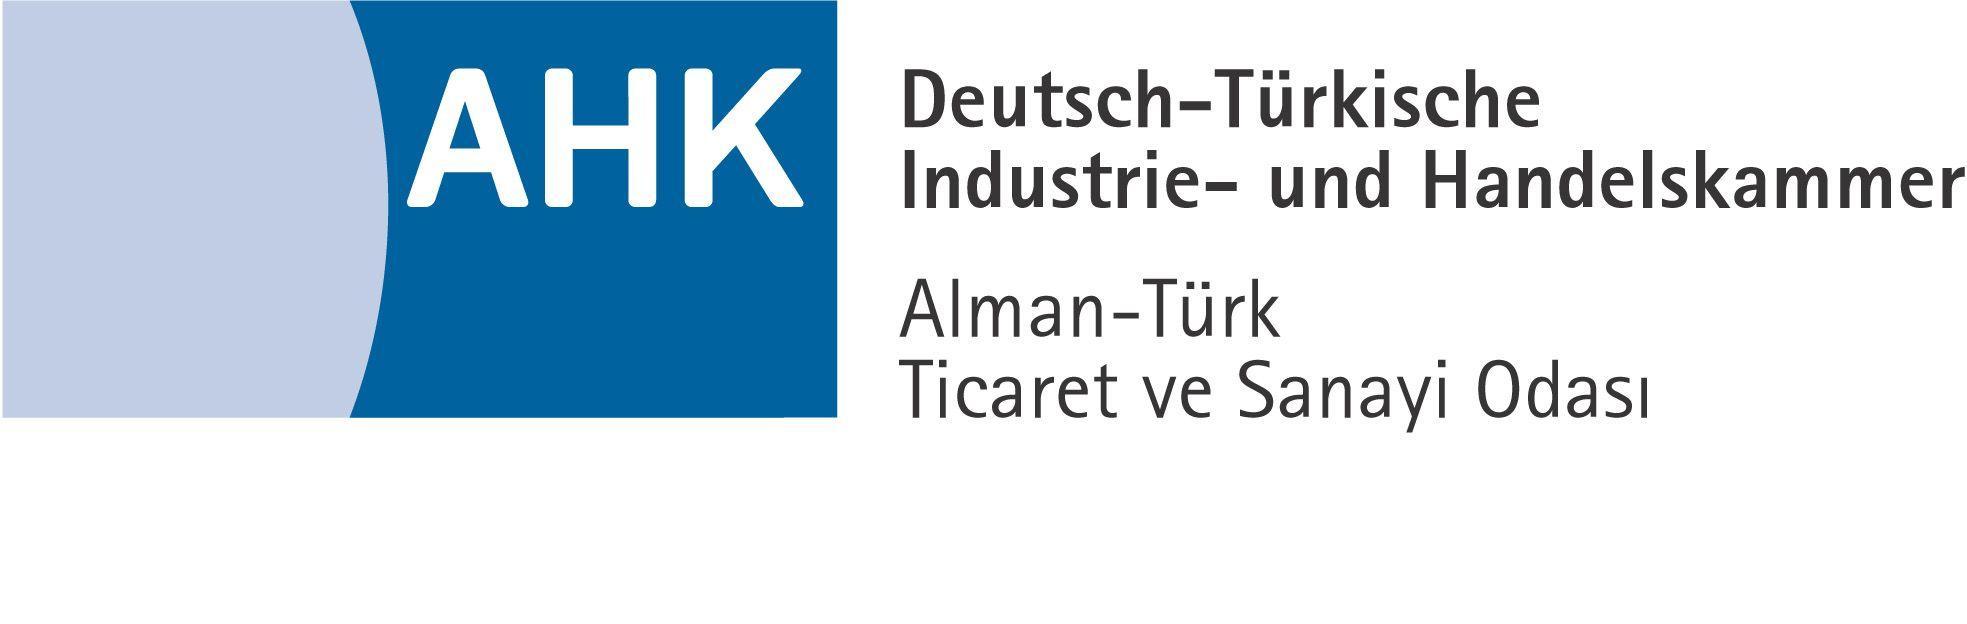 AHK Türkei